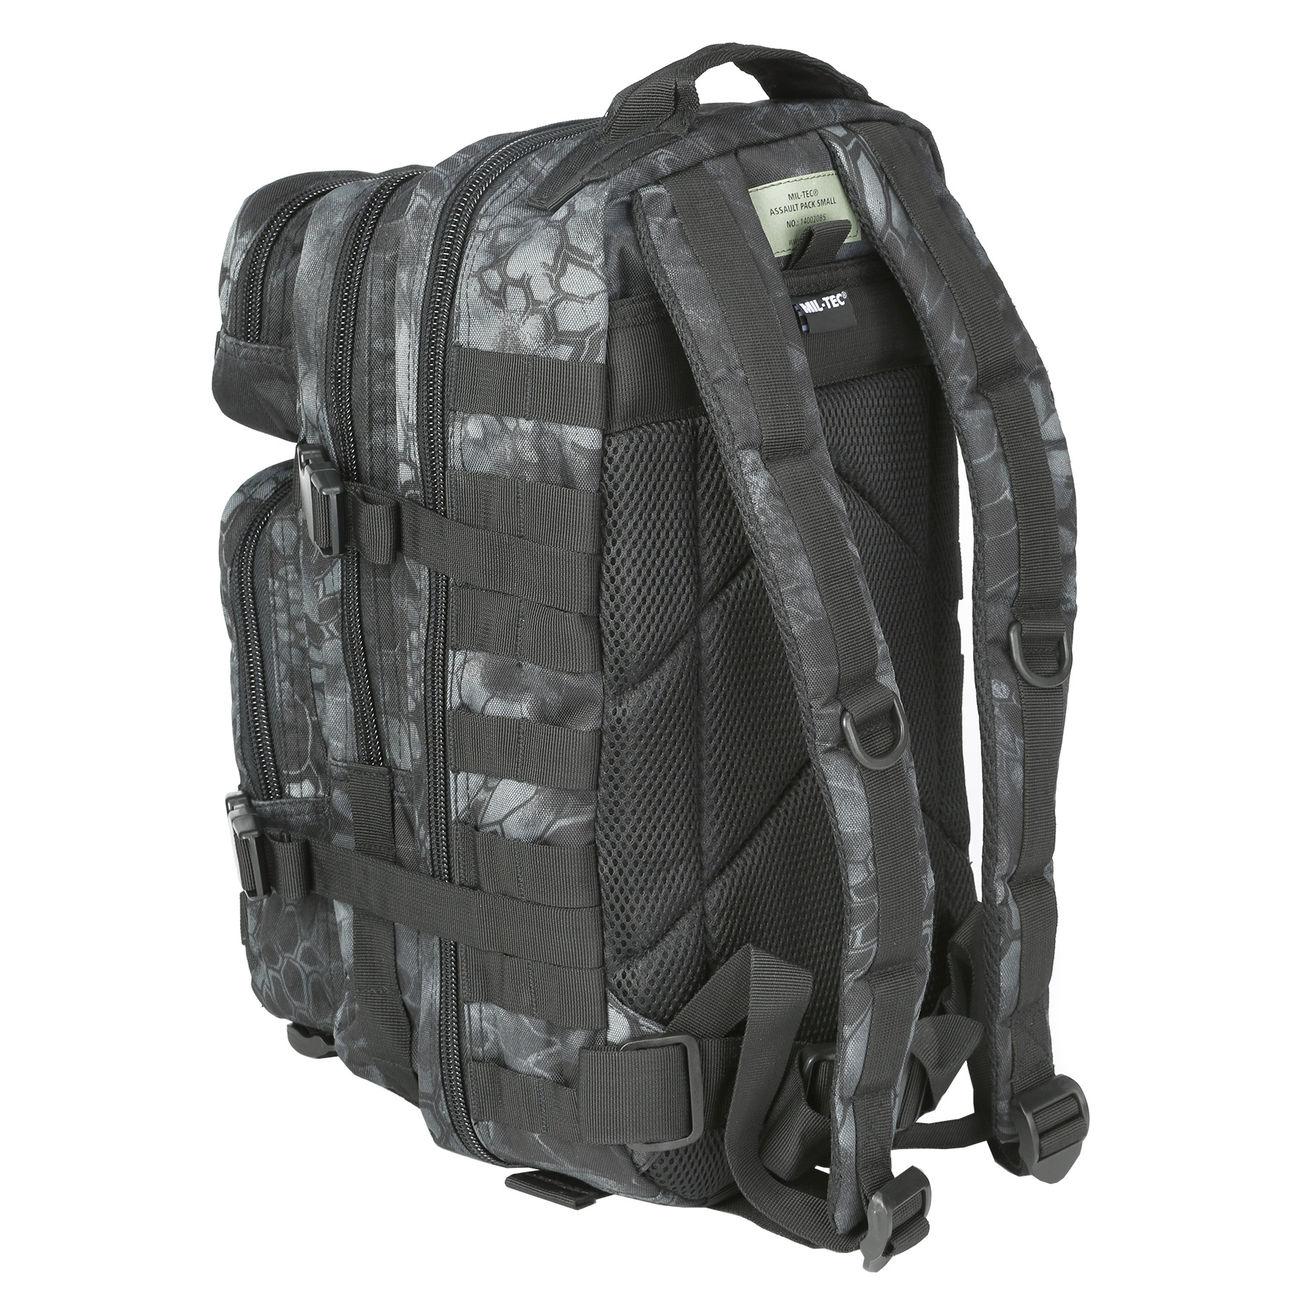 2b36a3acc9427 Mil-Tec Rucksack US Assault Pack I 20 Liter mandra night günstig ...